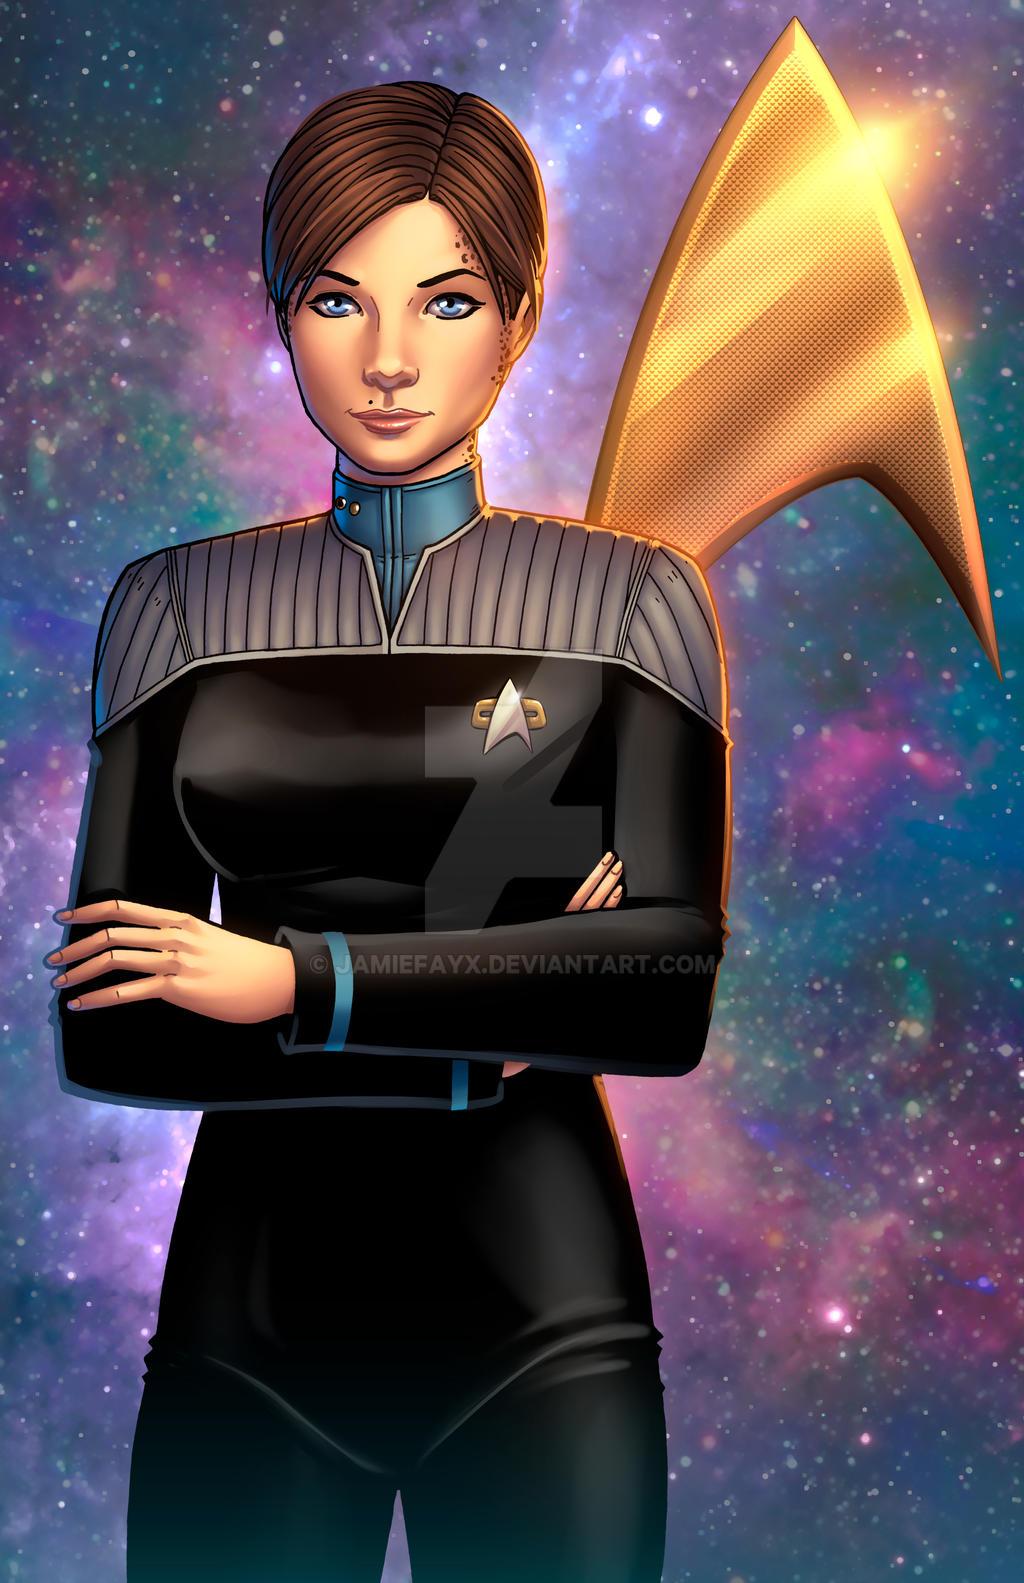 Ezri Dax Star Trek Deep Space Nine By Jamiefayx On Deviantart